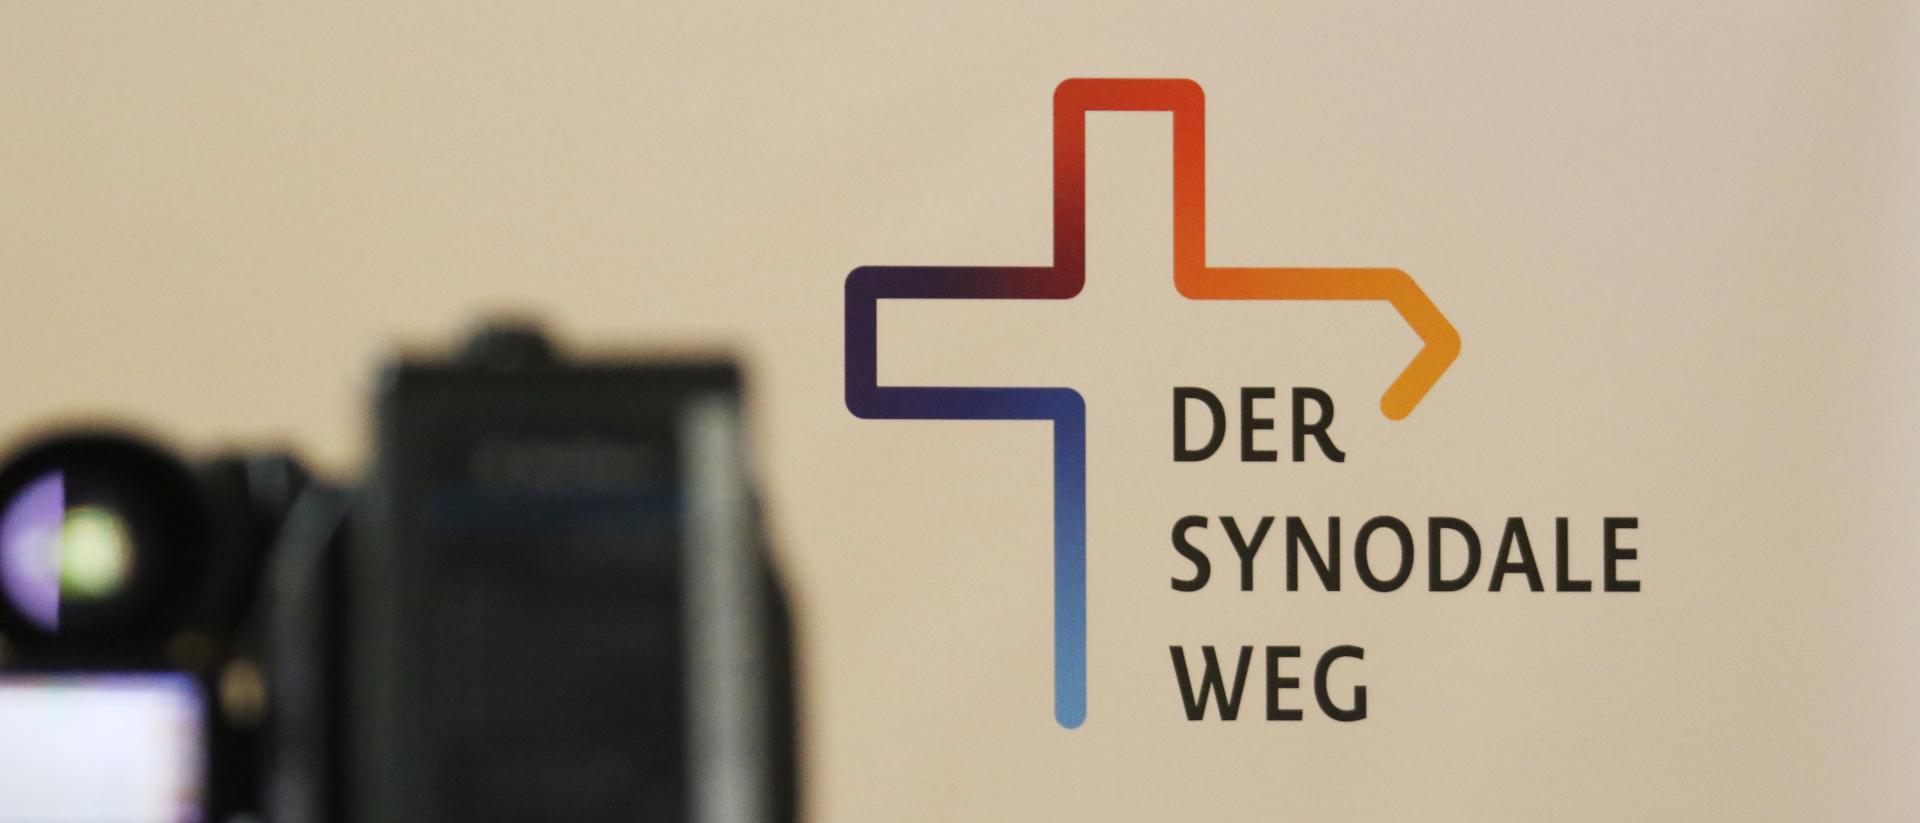 Im Fokus der Medien: Der Synodale Weg in Deutschland.